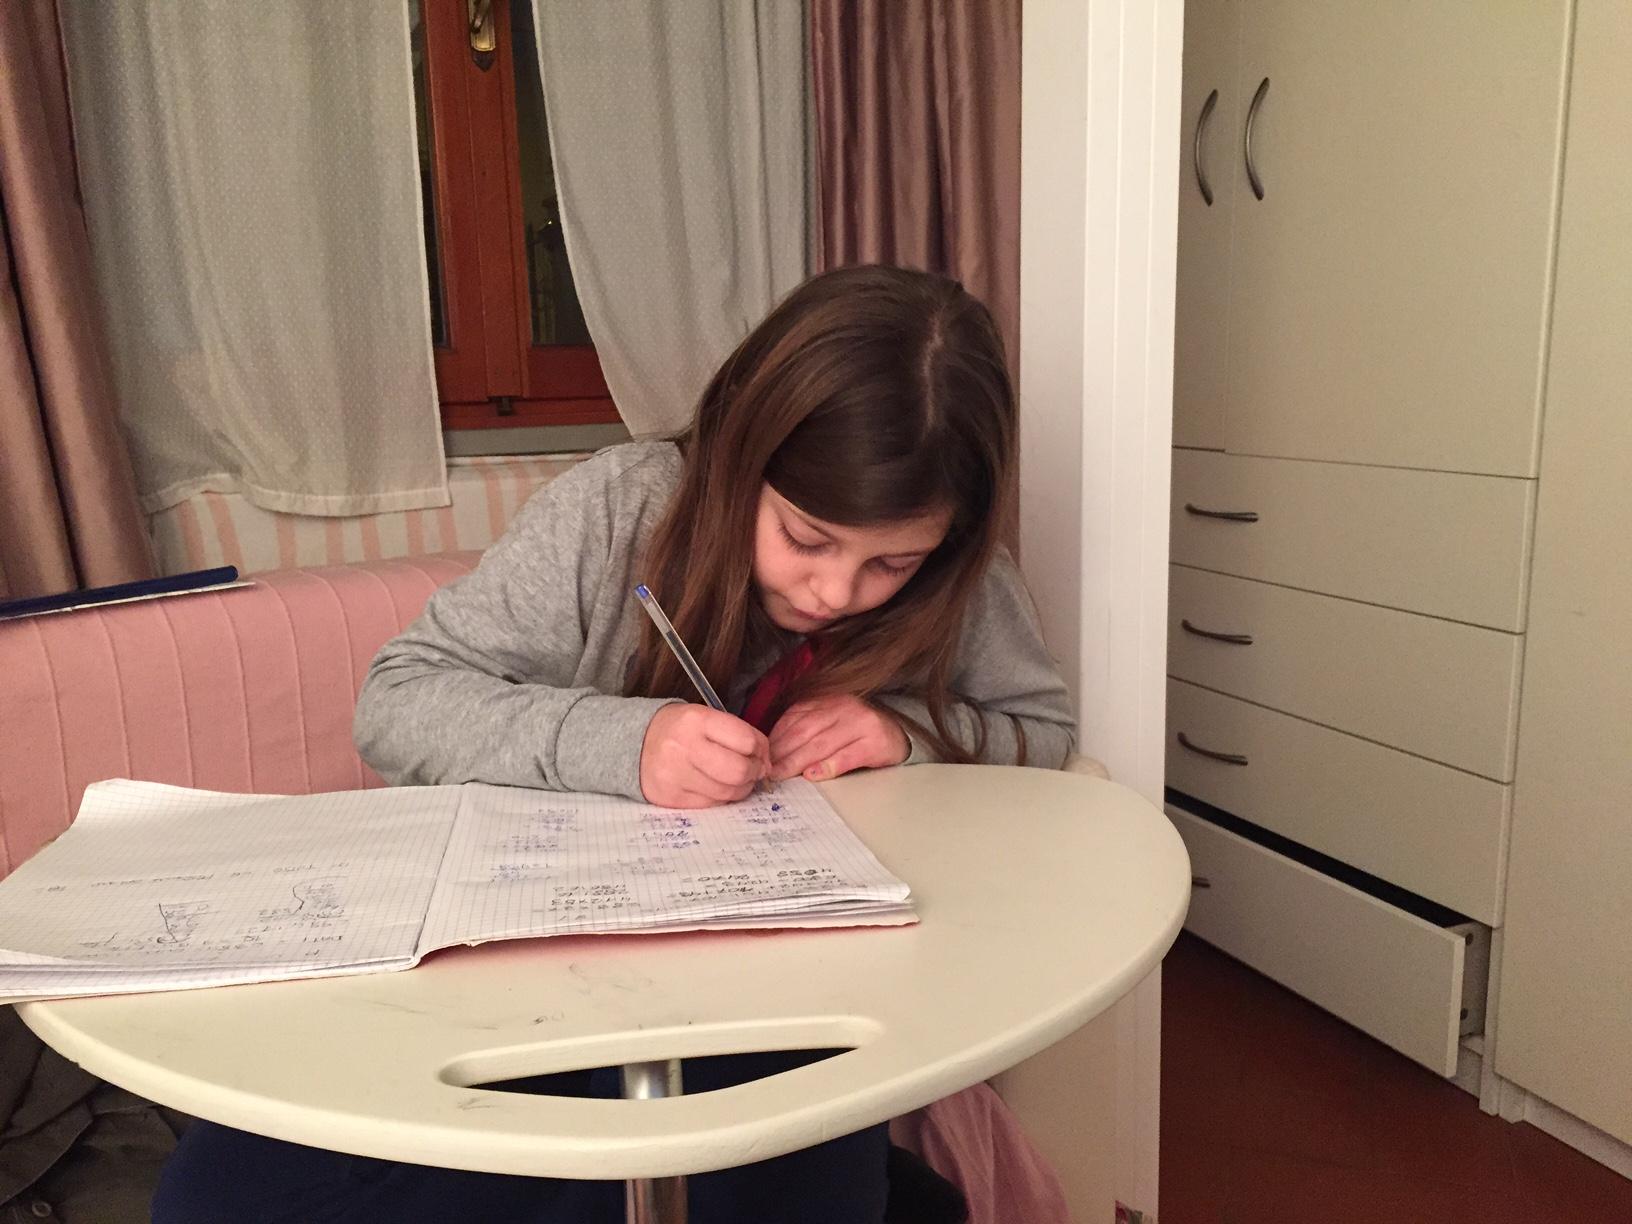 Compiti per casa alle elementari come non impazzire